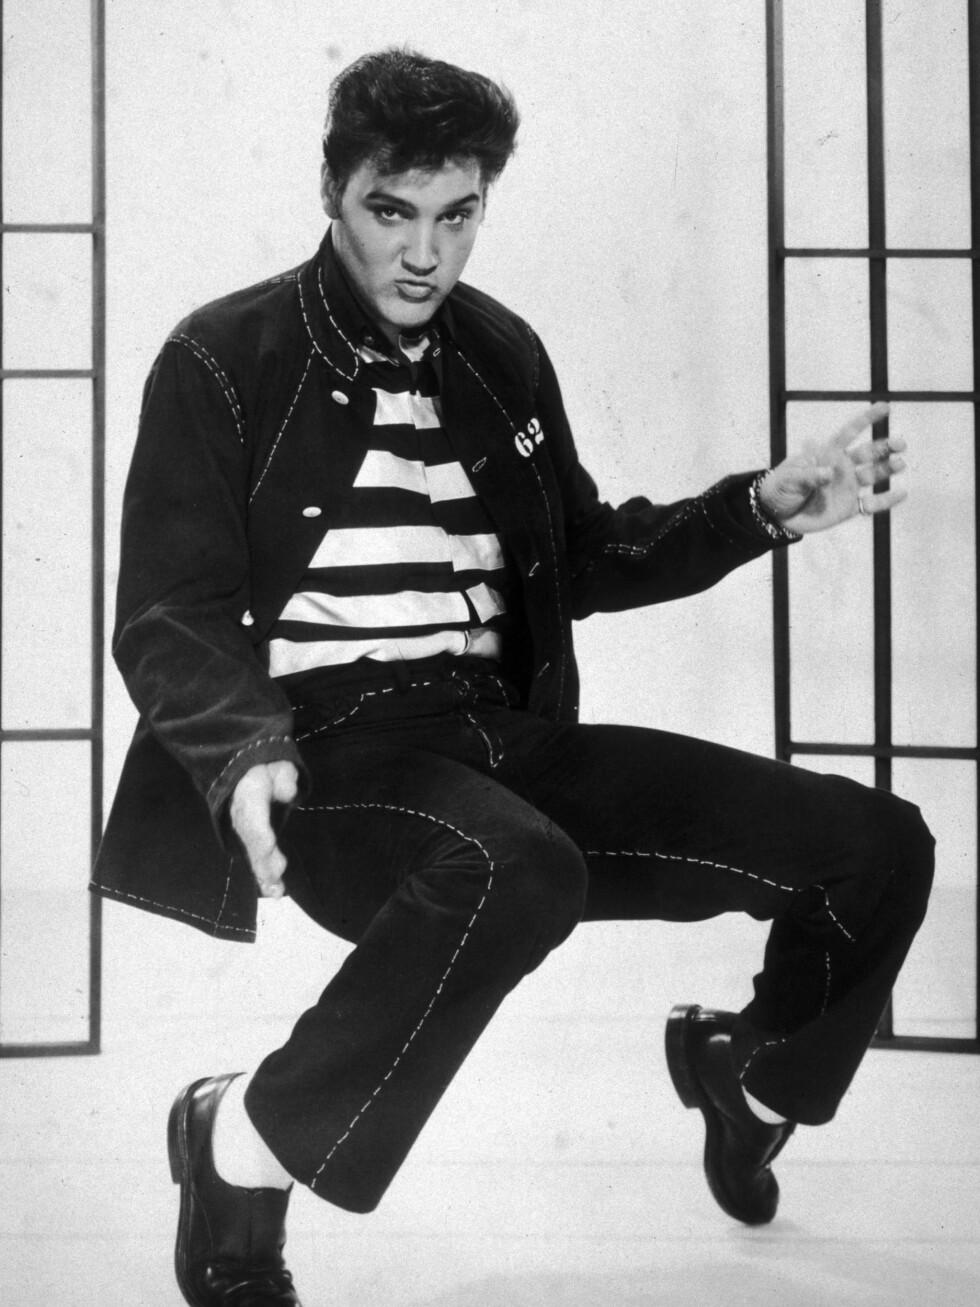 Jailhouse Rock er både en sang og en film. Og mange anser musikkscenen dette bildet er hentet fra som verdens første musikkvideo. Året er 1957. Foto: All Over Press